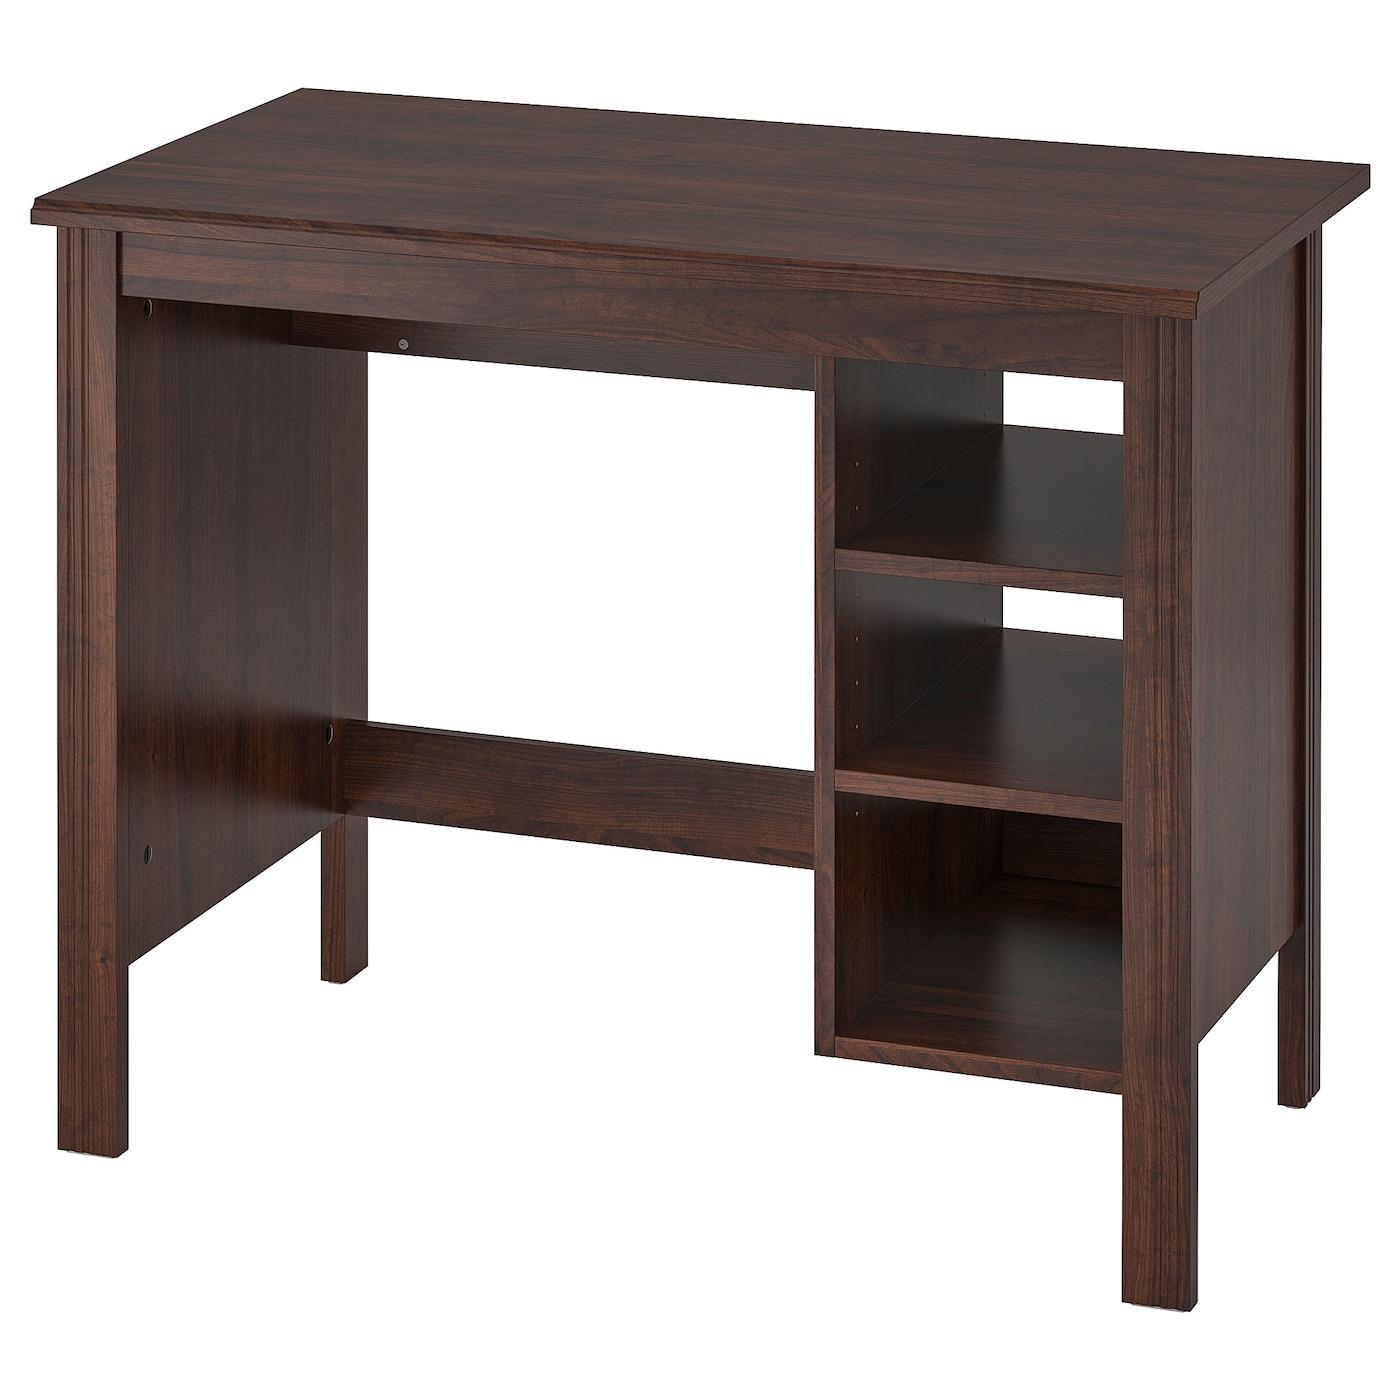 La guida per scegliere la miglior scrivania per le tue esigenze: Desks Computer Desks Affordable Modern Ikea